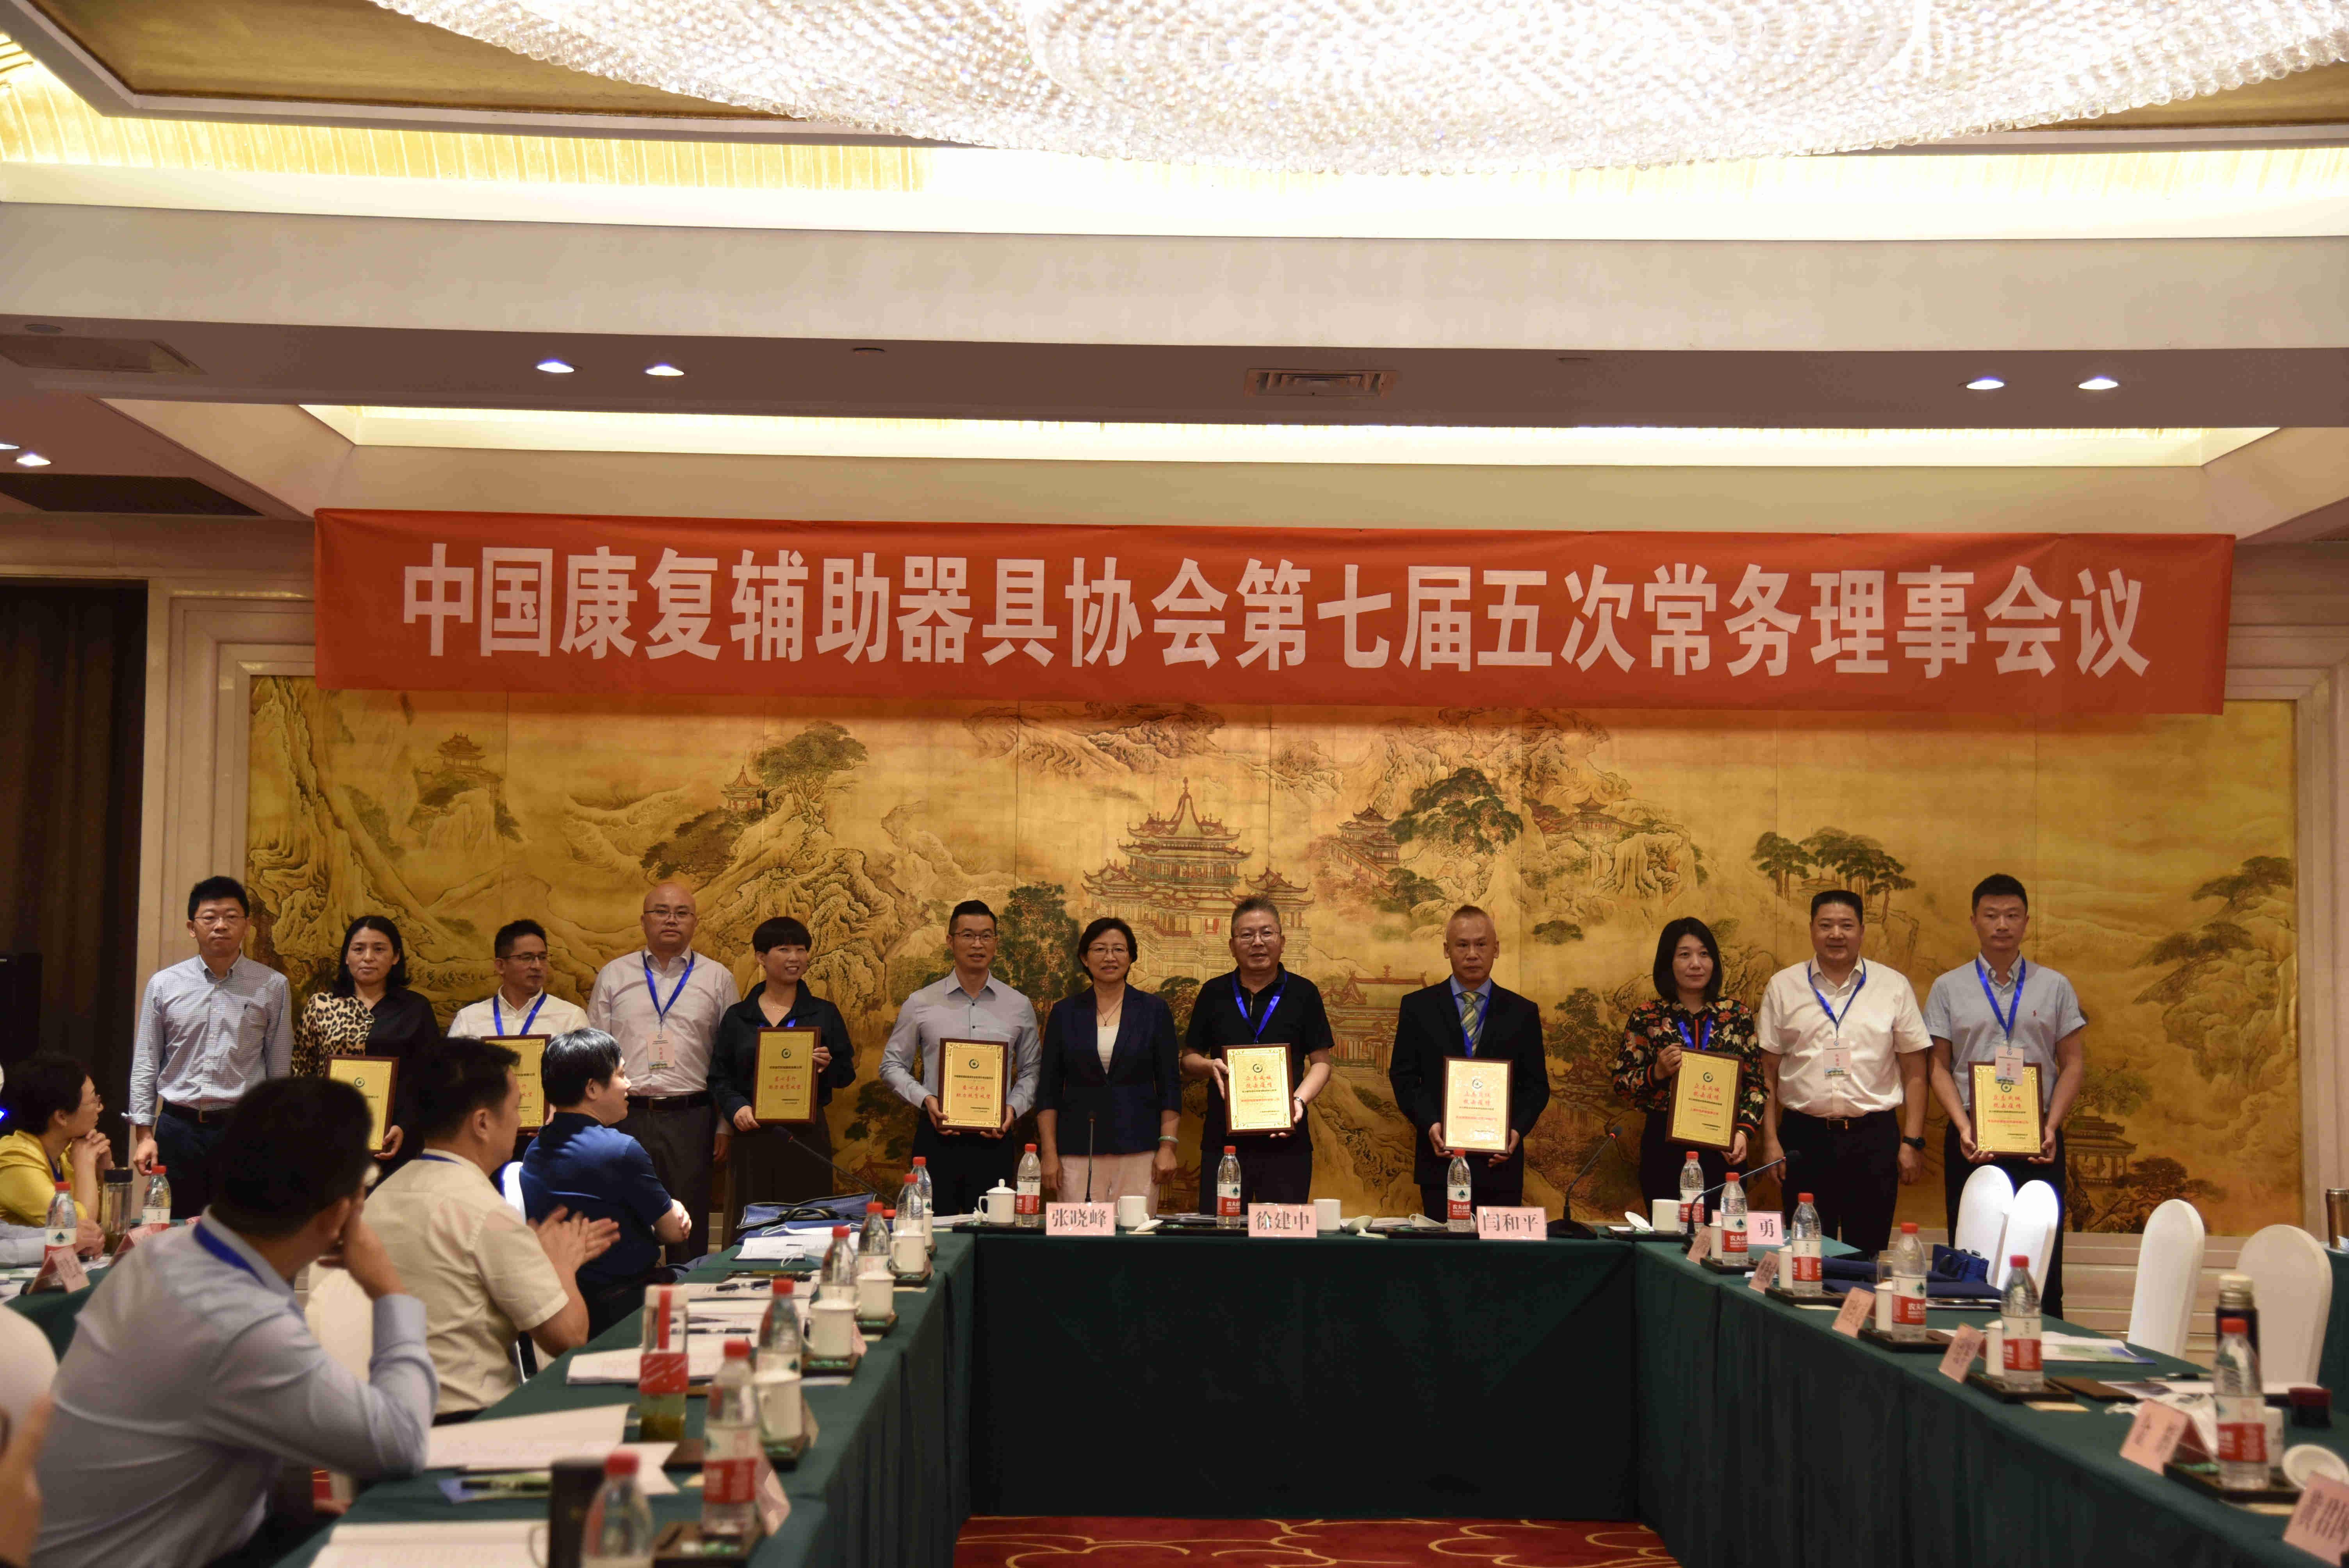 标题:中国康复辅助器具协会第七届五次常务理事会隆重召开  时间:2020/9/17 8:19:38